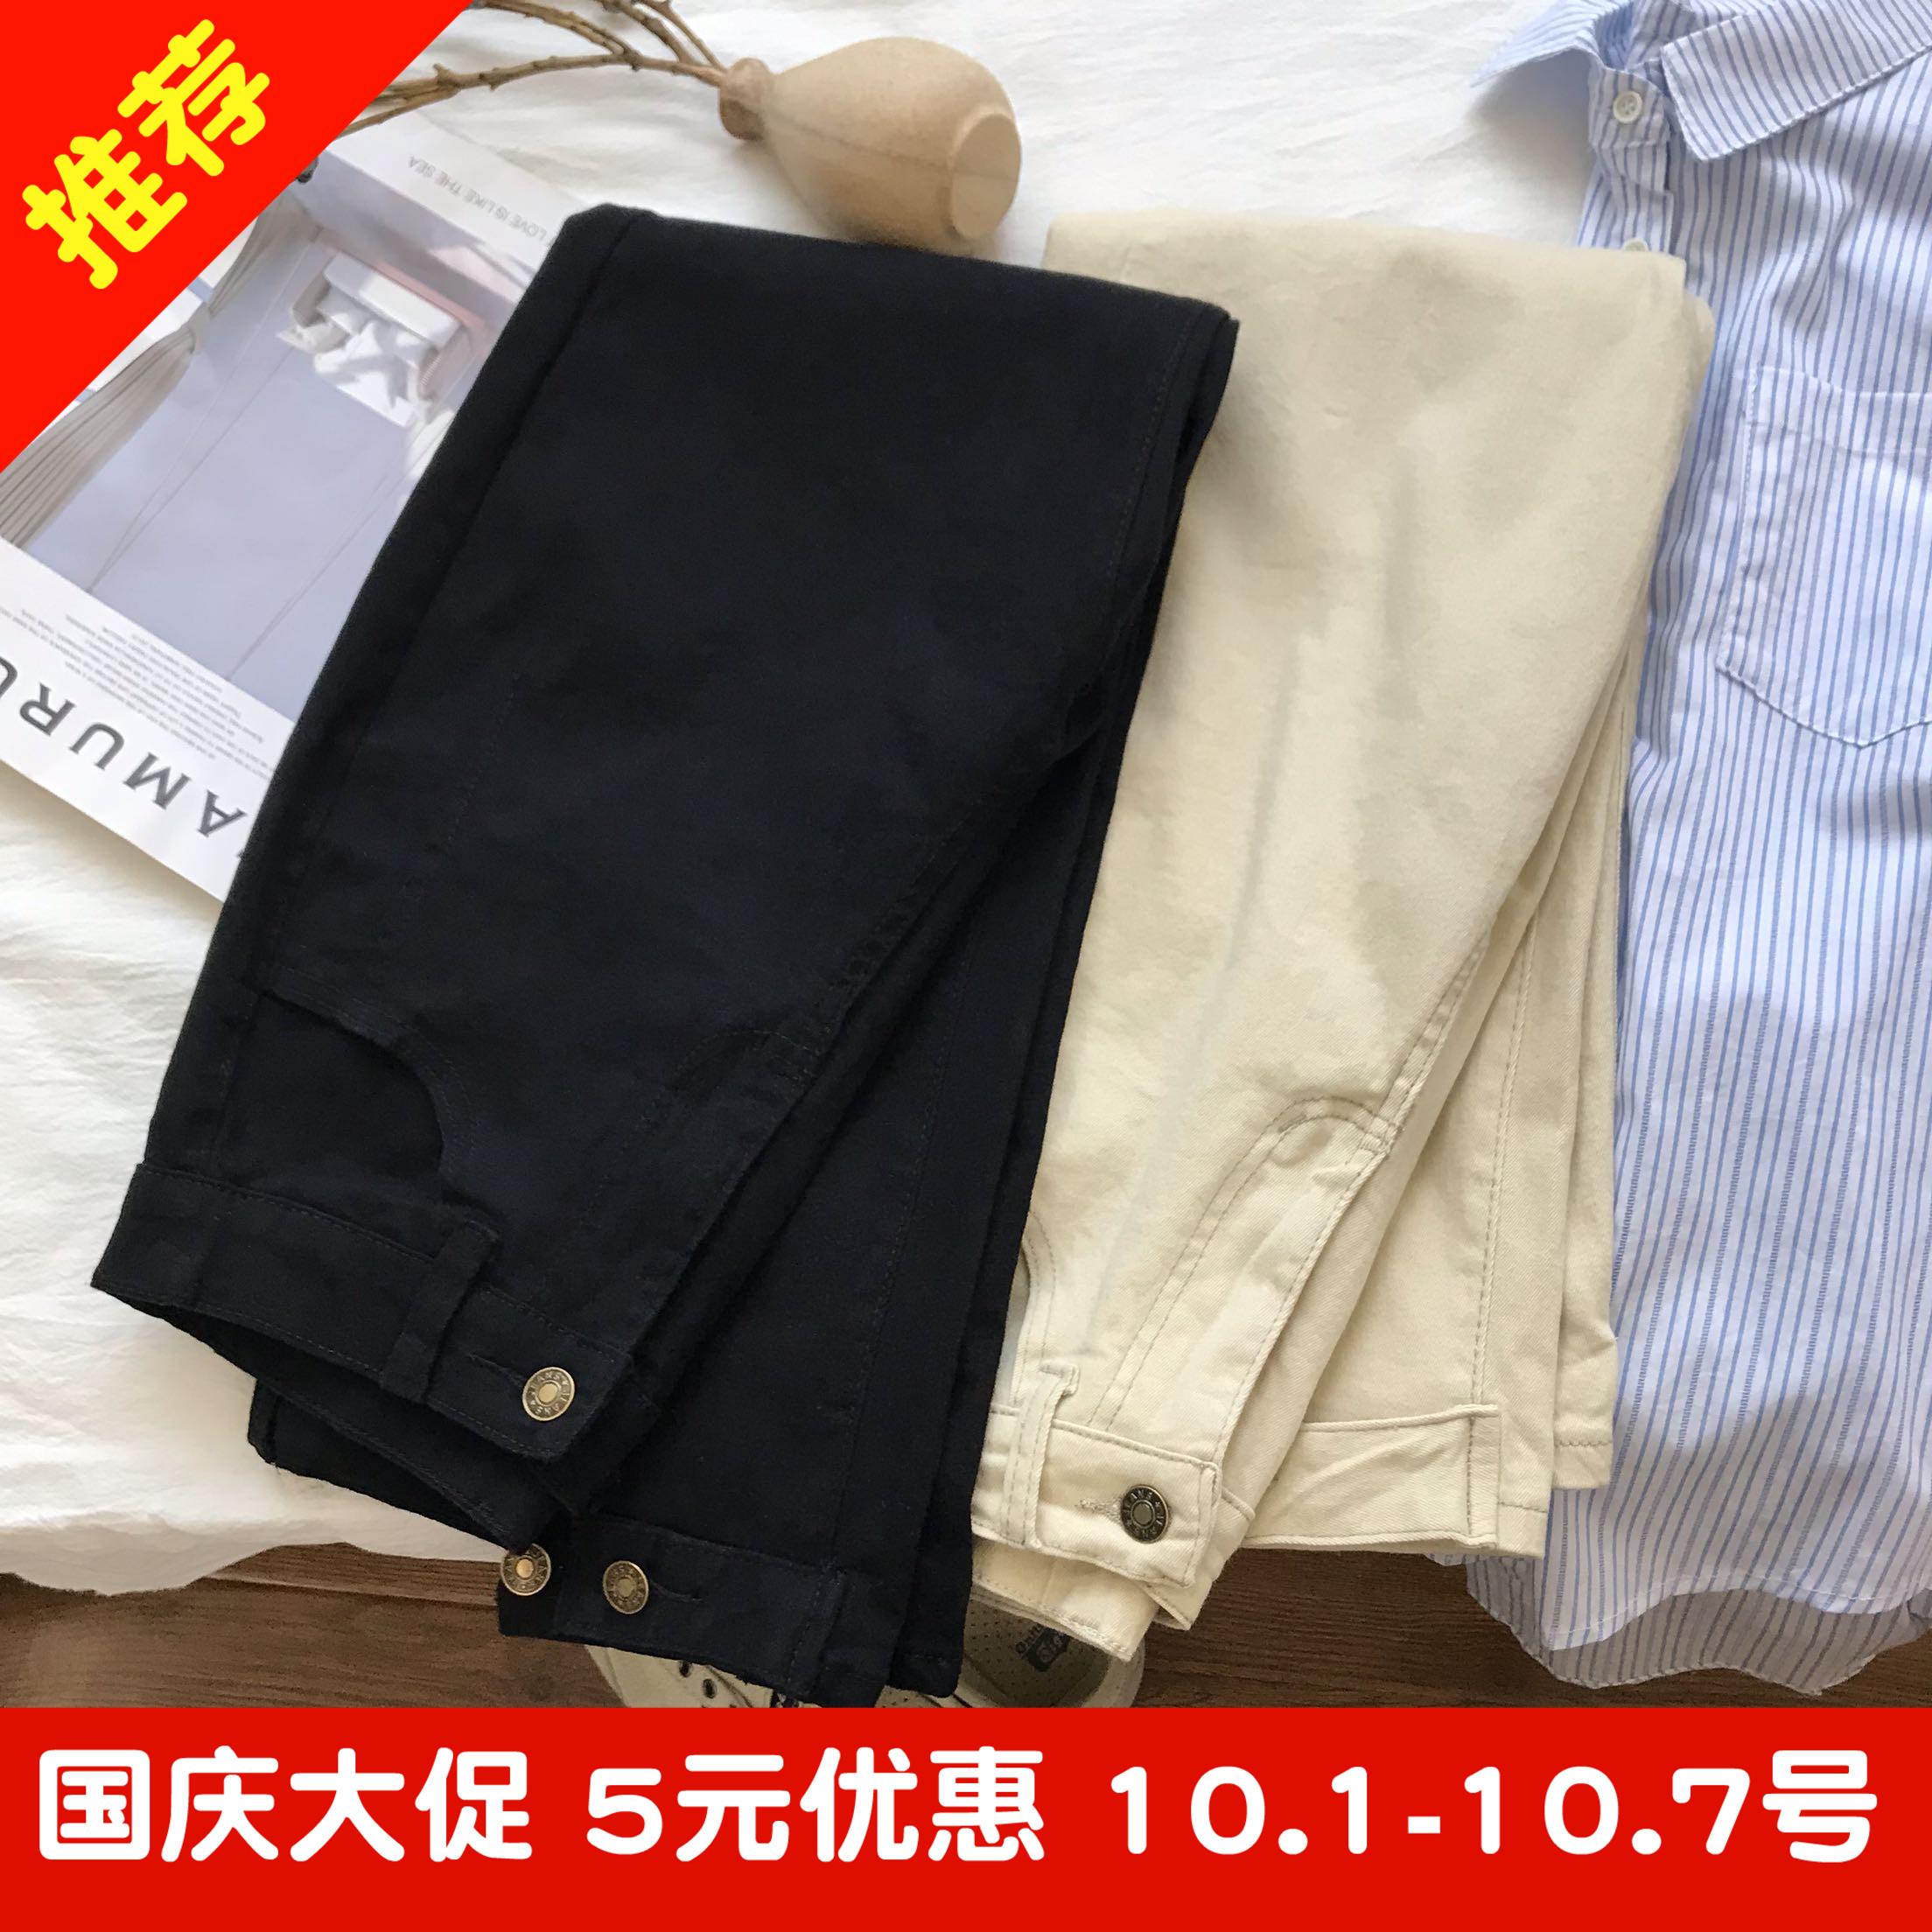 券后29.90元挚爱显瘦!复古水洗棉高腰工装裤